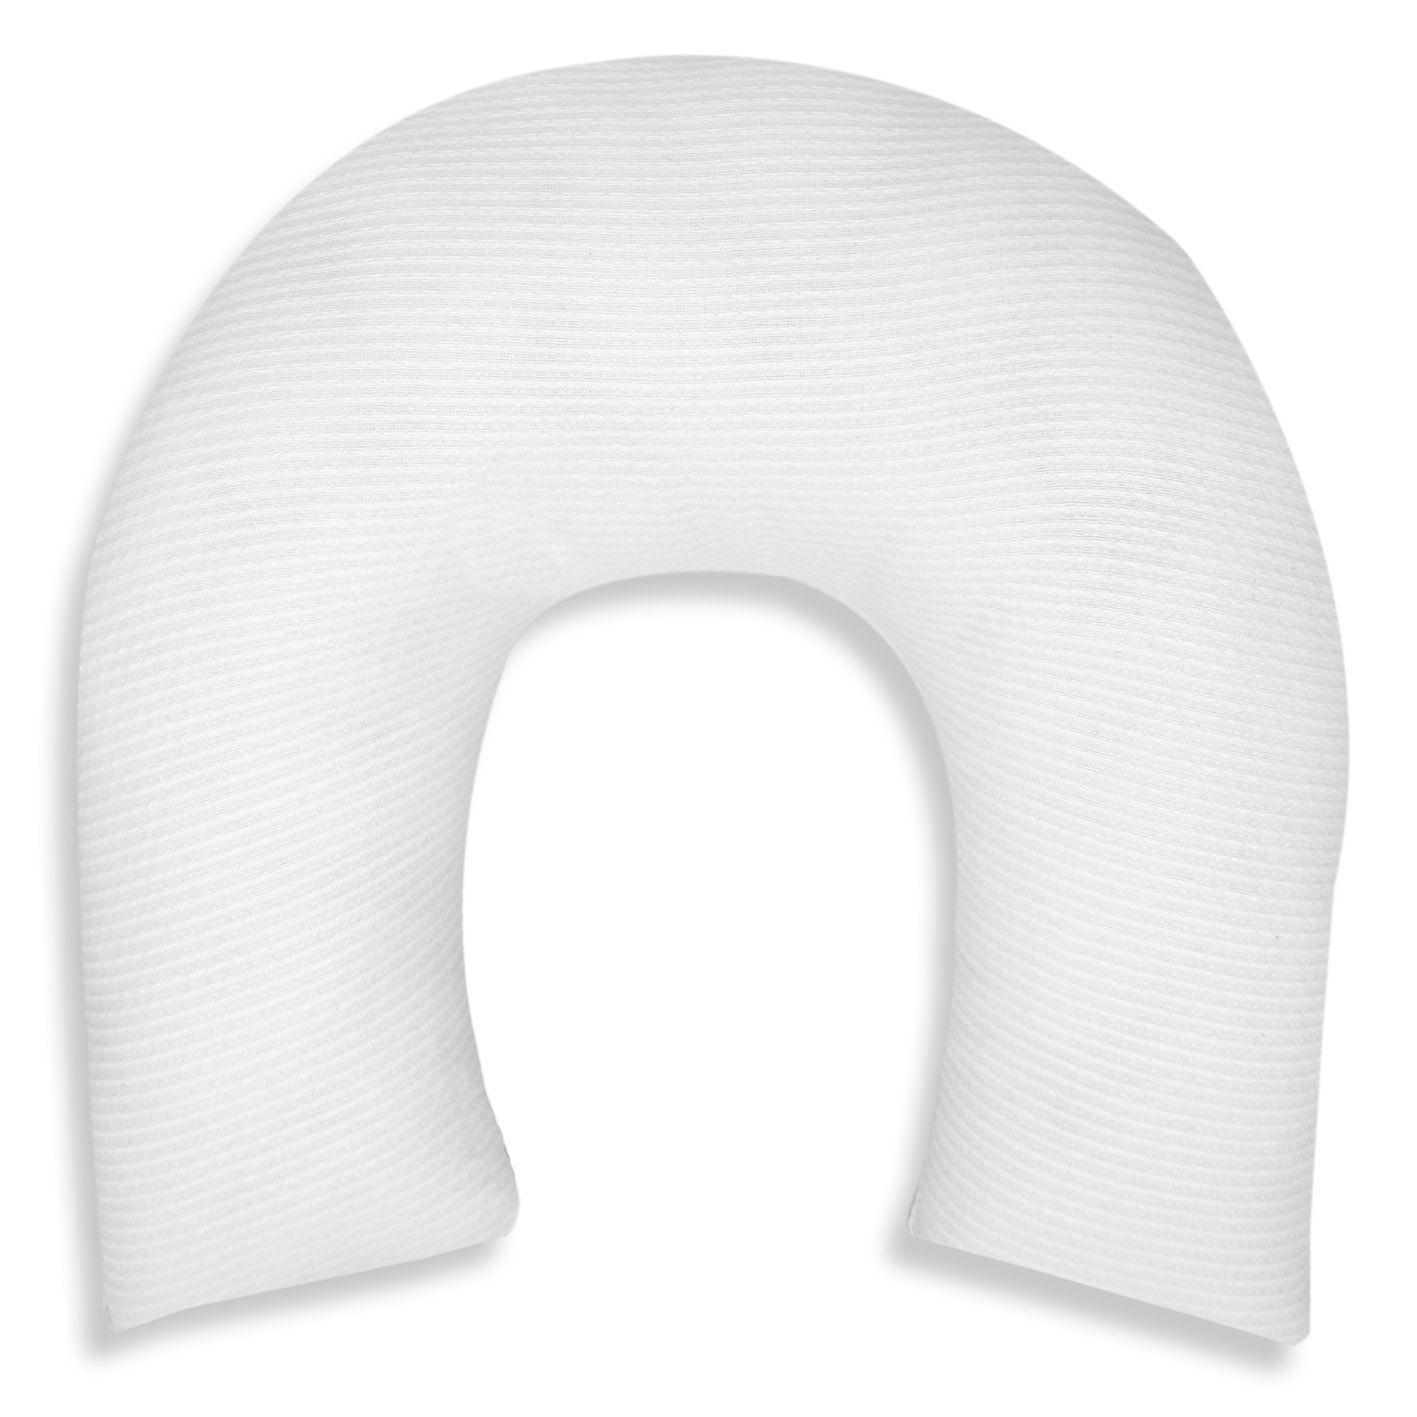 Protetor de Pescoço - Piquet Branco